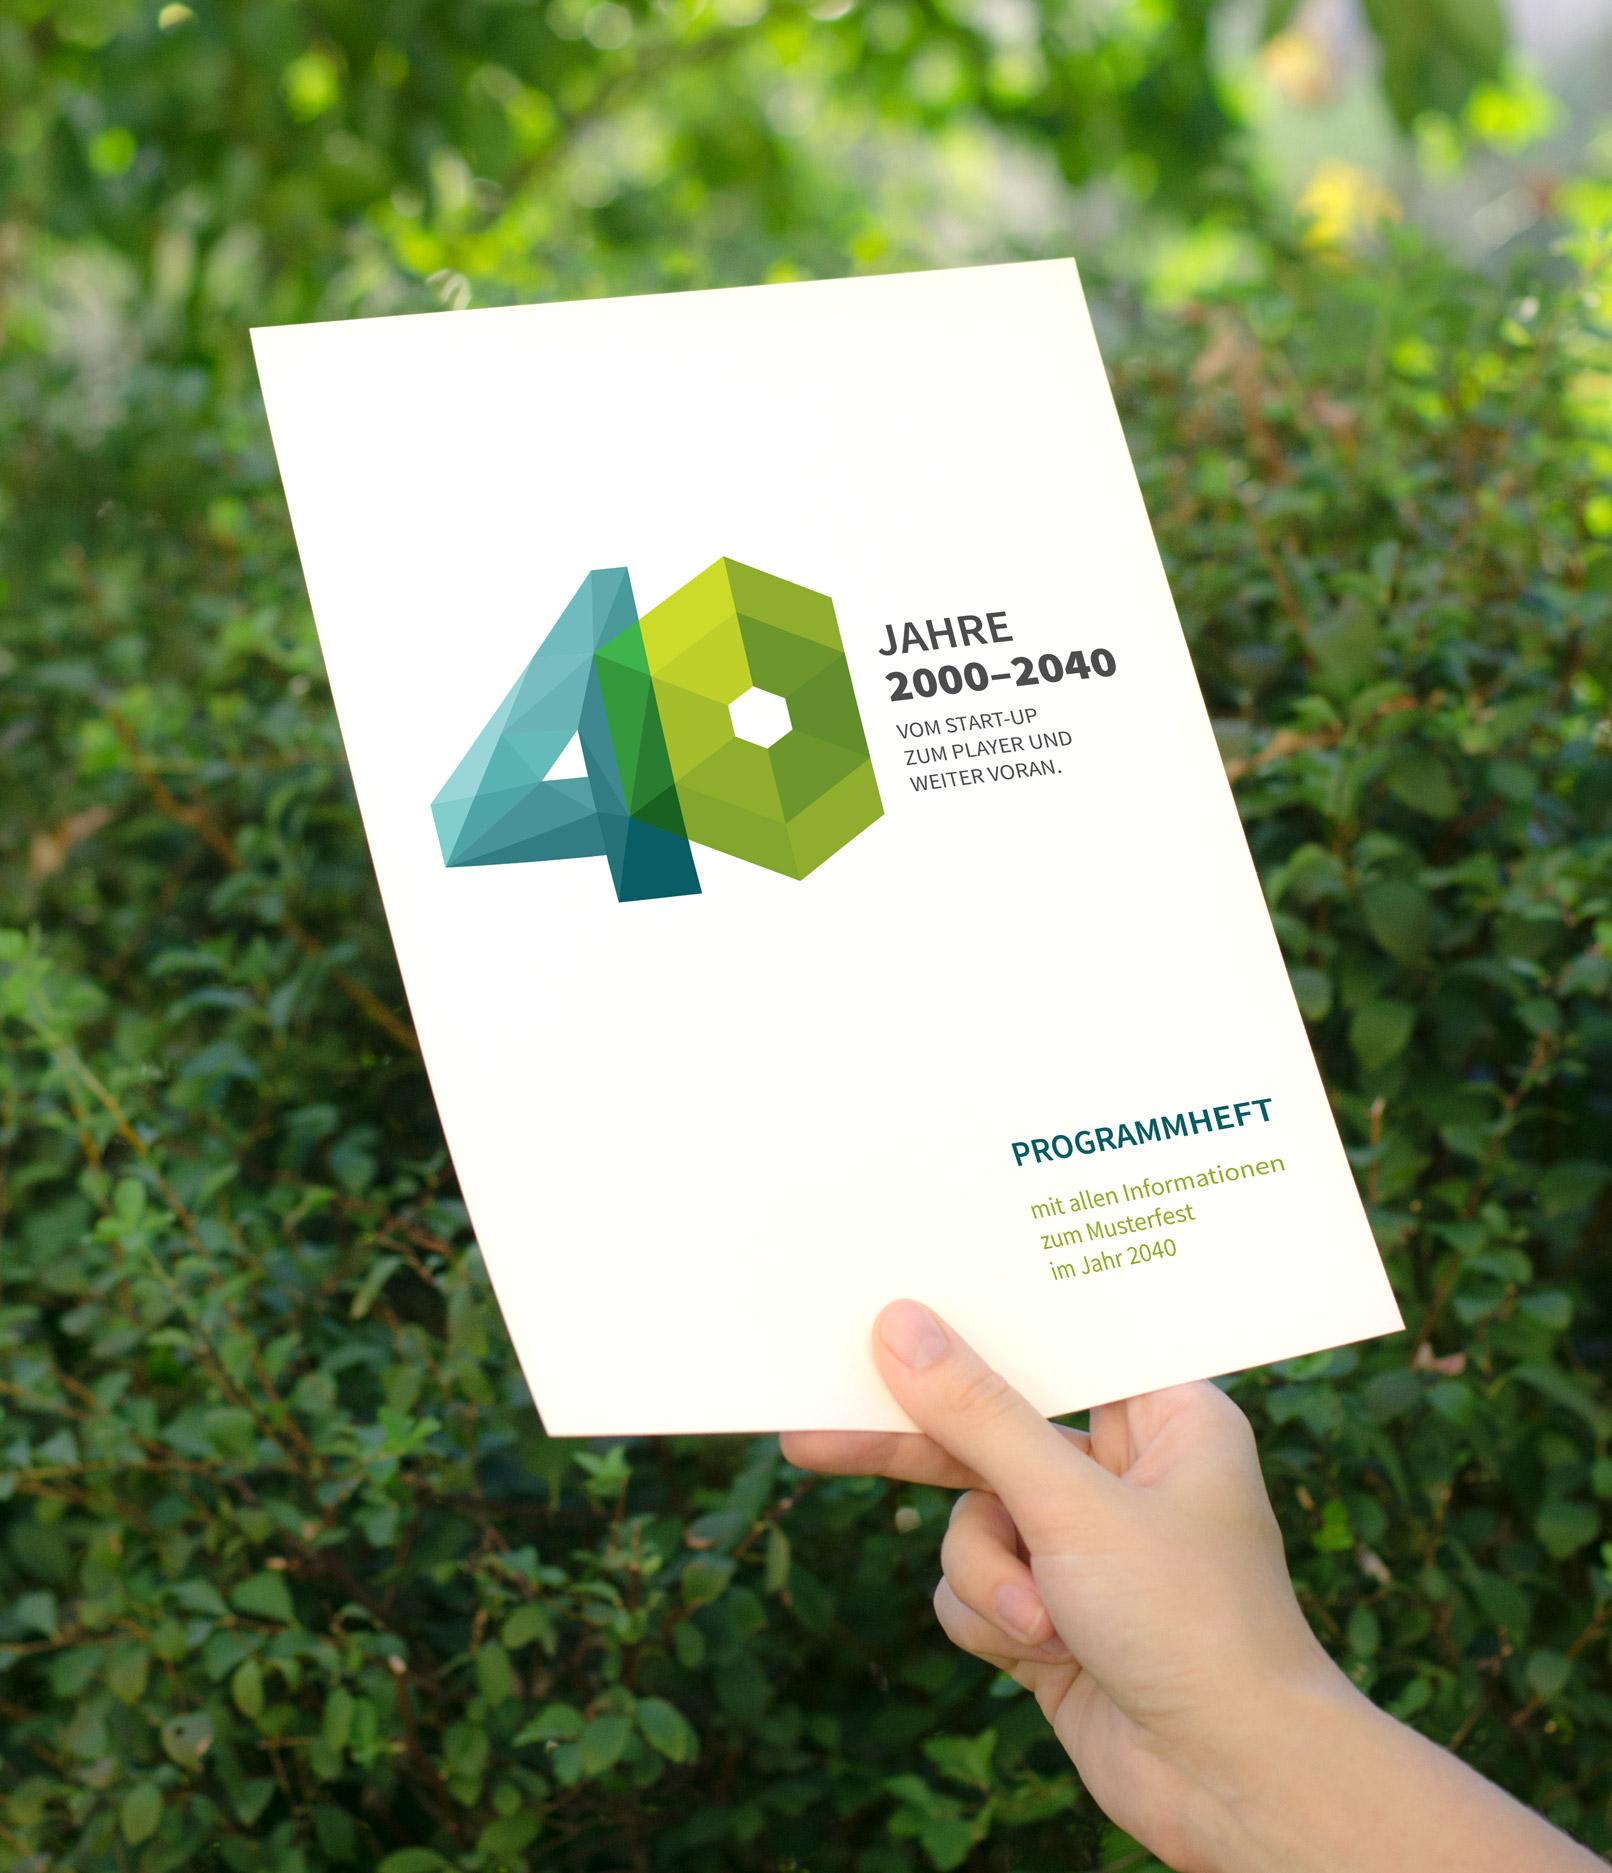 Beispiel zur Verwendung der Zahlen-Vorlagen: A4-Seite mit der Zahl 40 im Polygon-Style